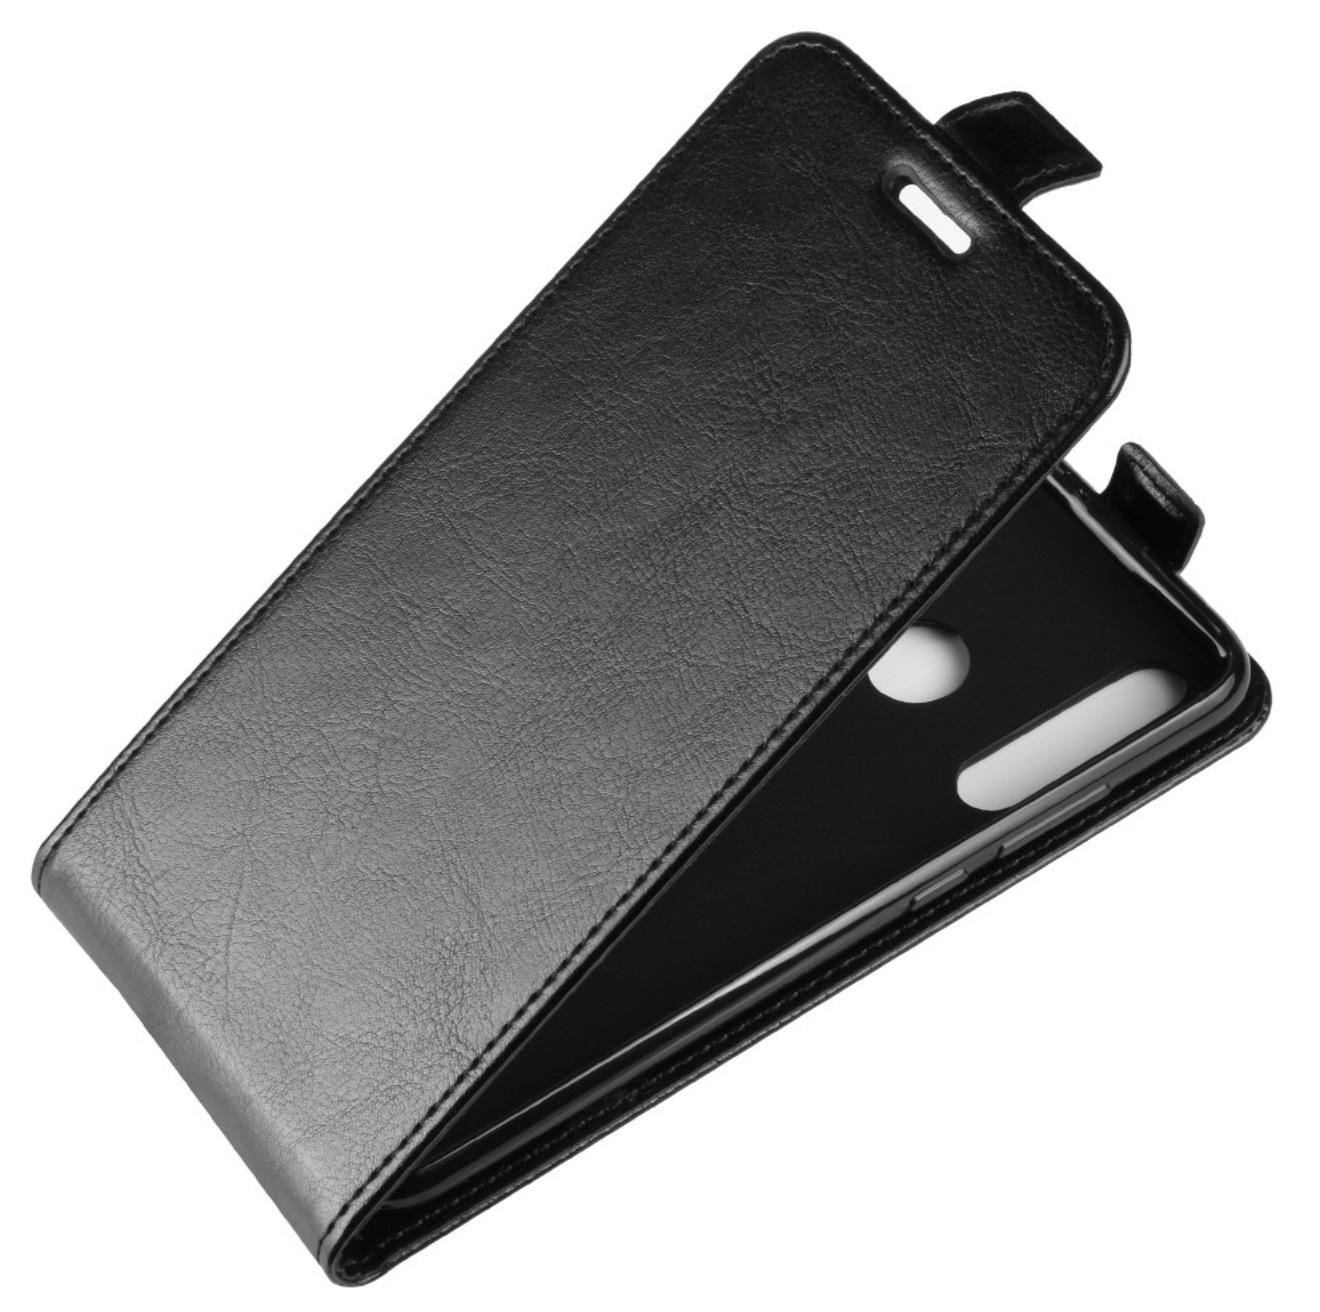 Чехол-флип MyPads для Huawei Honor 8A/Huawei Y6 (2019)/ Honor 8A Pro/ Y6 Prime 2019 вертикальный откидной черный